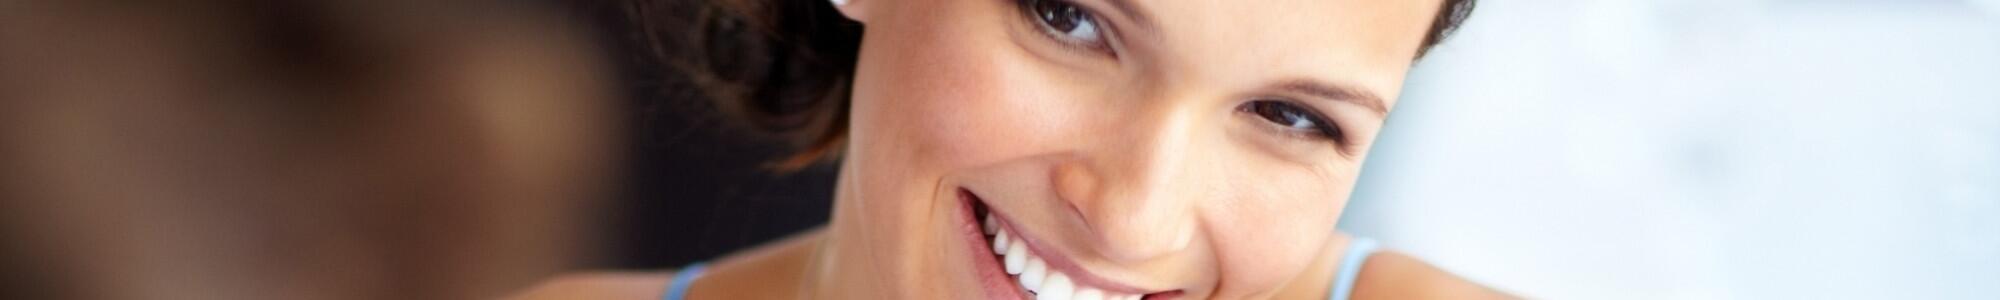 Offre Dîner Romantique Bologne à l'hôtel 4 étoiles - Forfait Chambre + Dîner